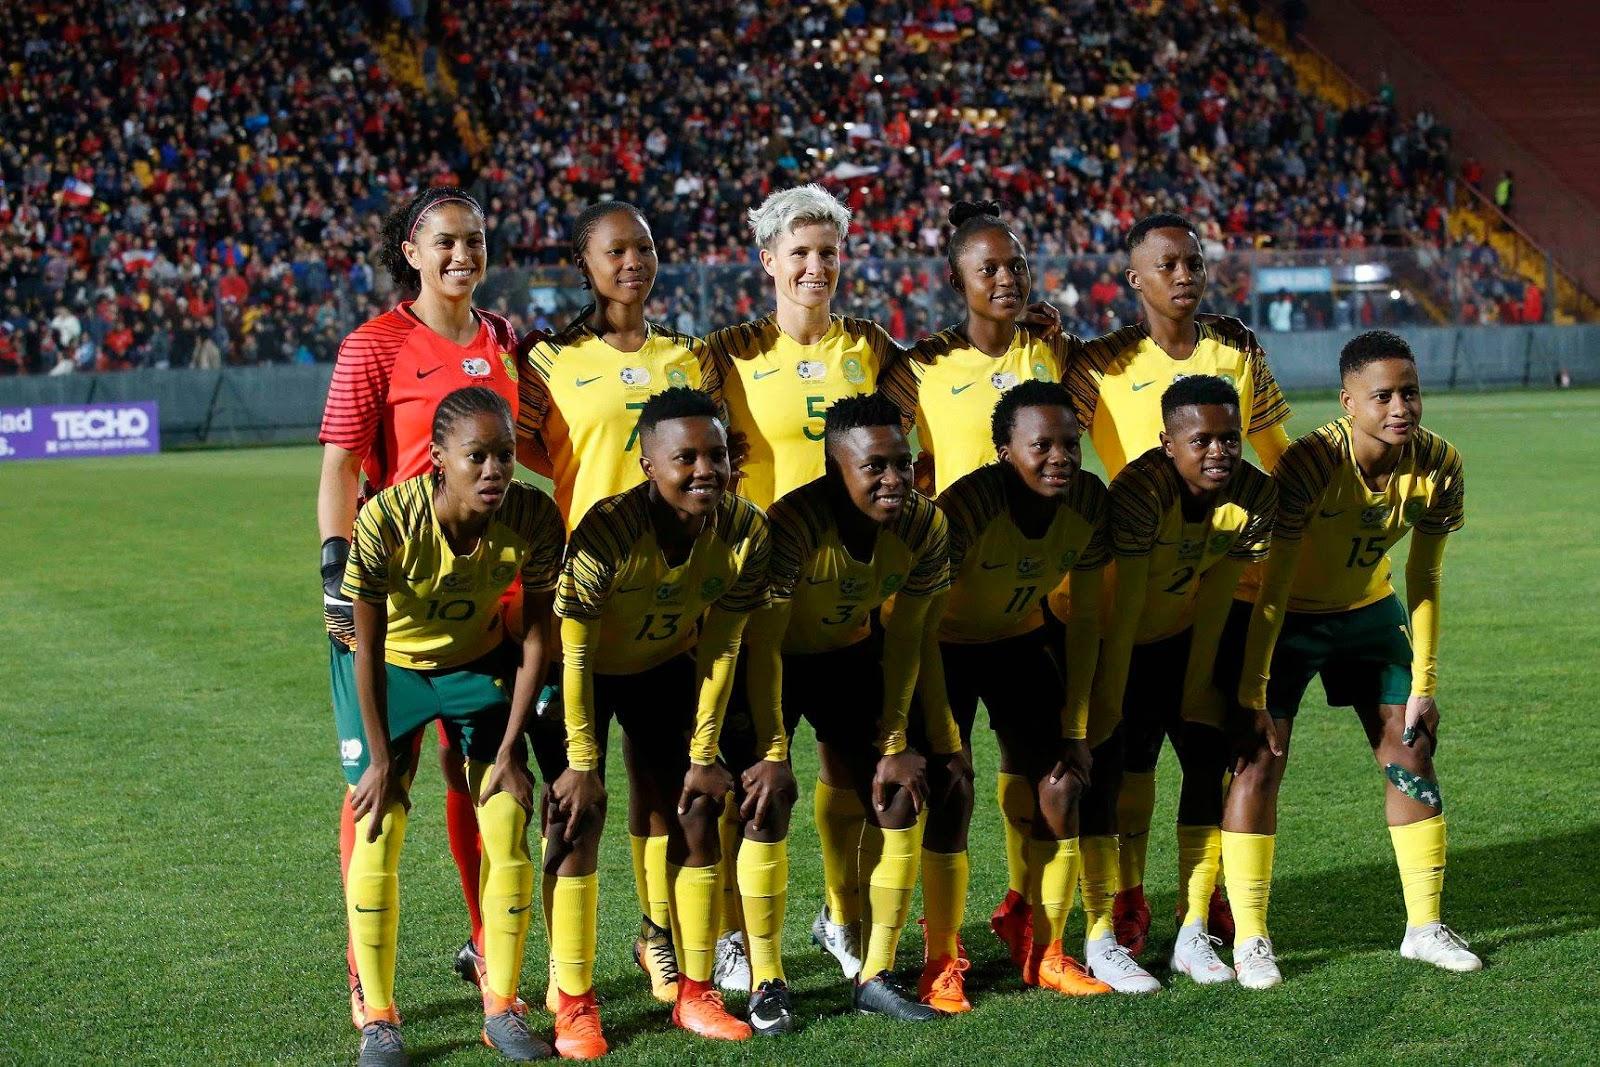 Formación de selección femenina de Sudáfrica ante Chile, amistoso disputado el 9 de octubre de 2018